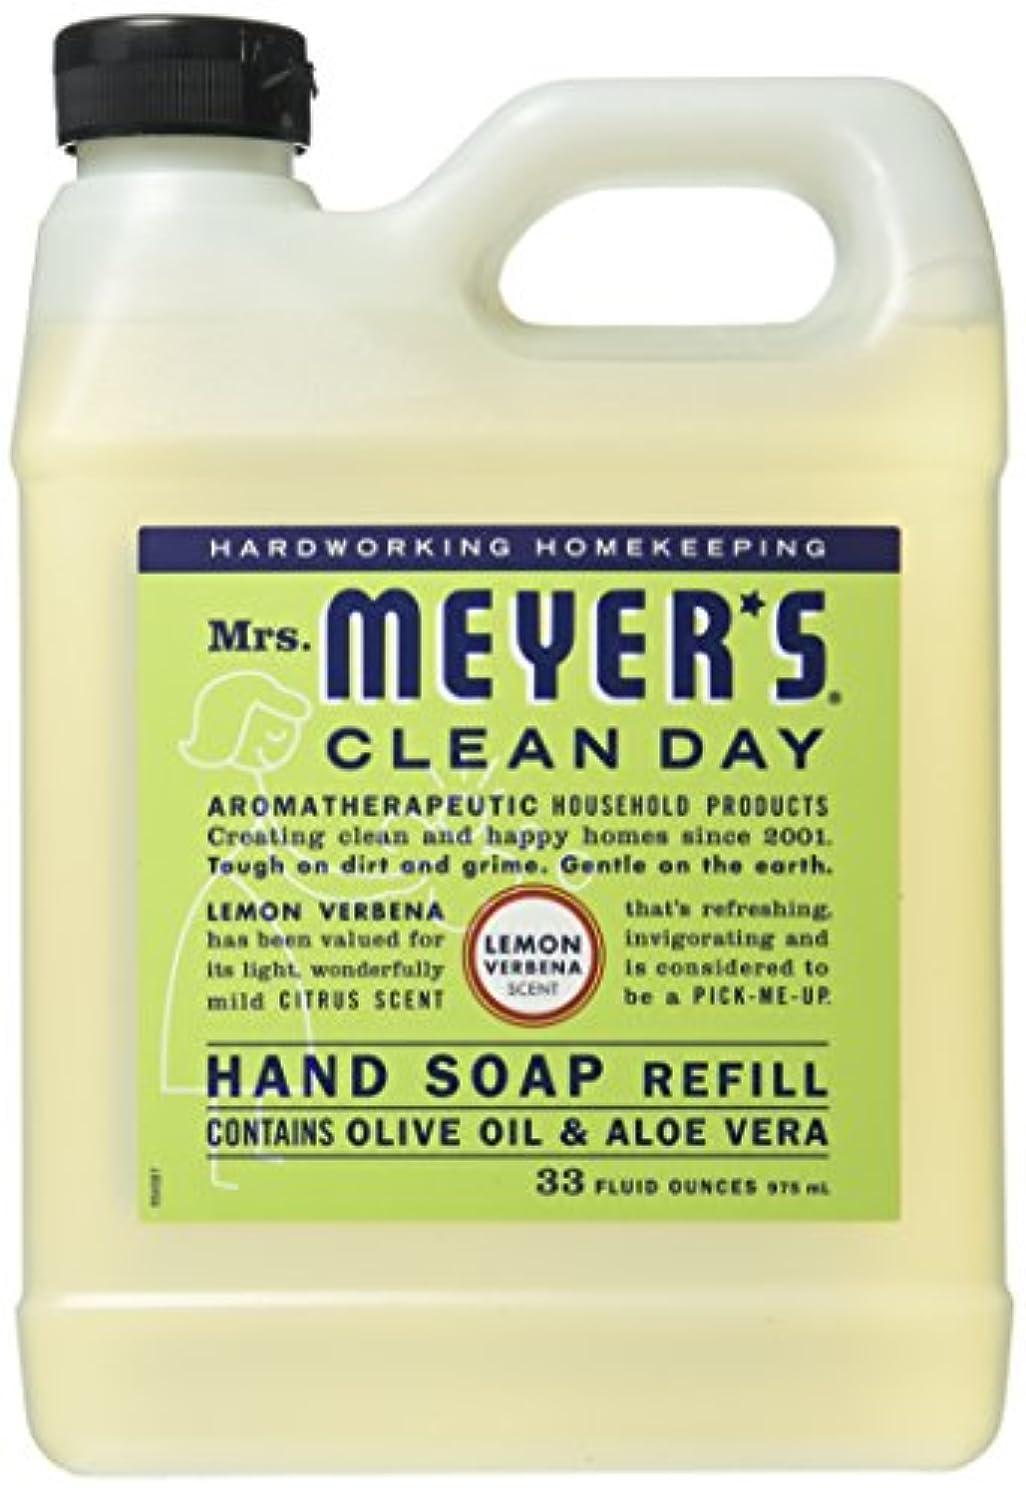 クリスマスカリング取り扱いMrs. Meyer's Liquid Hand Soap Refill, Lemon Verbena, 33 Fluid Ounce by Mrs. Meyer's Clean Day